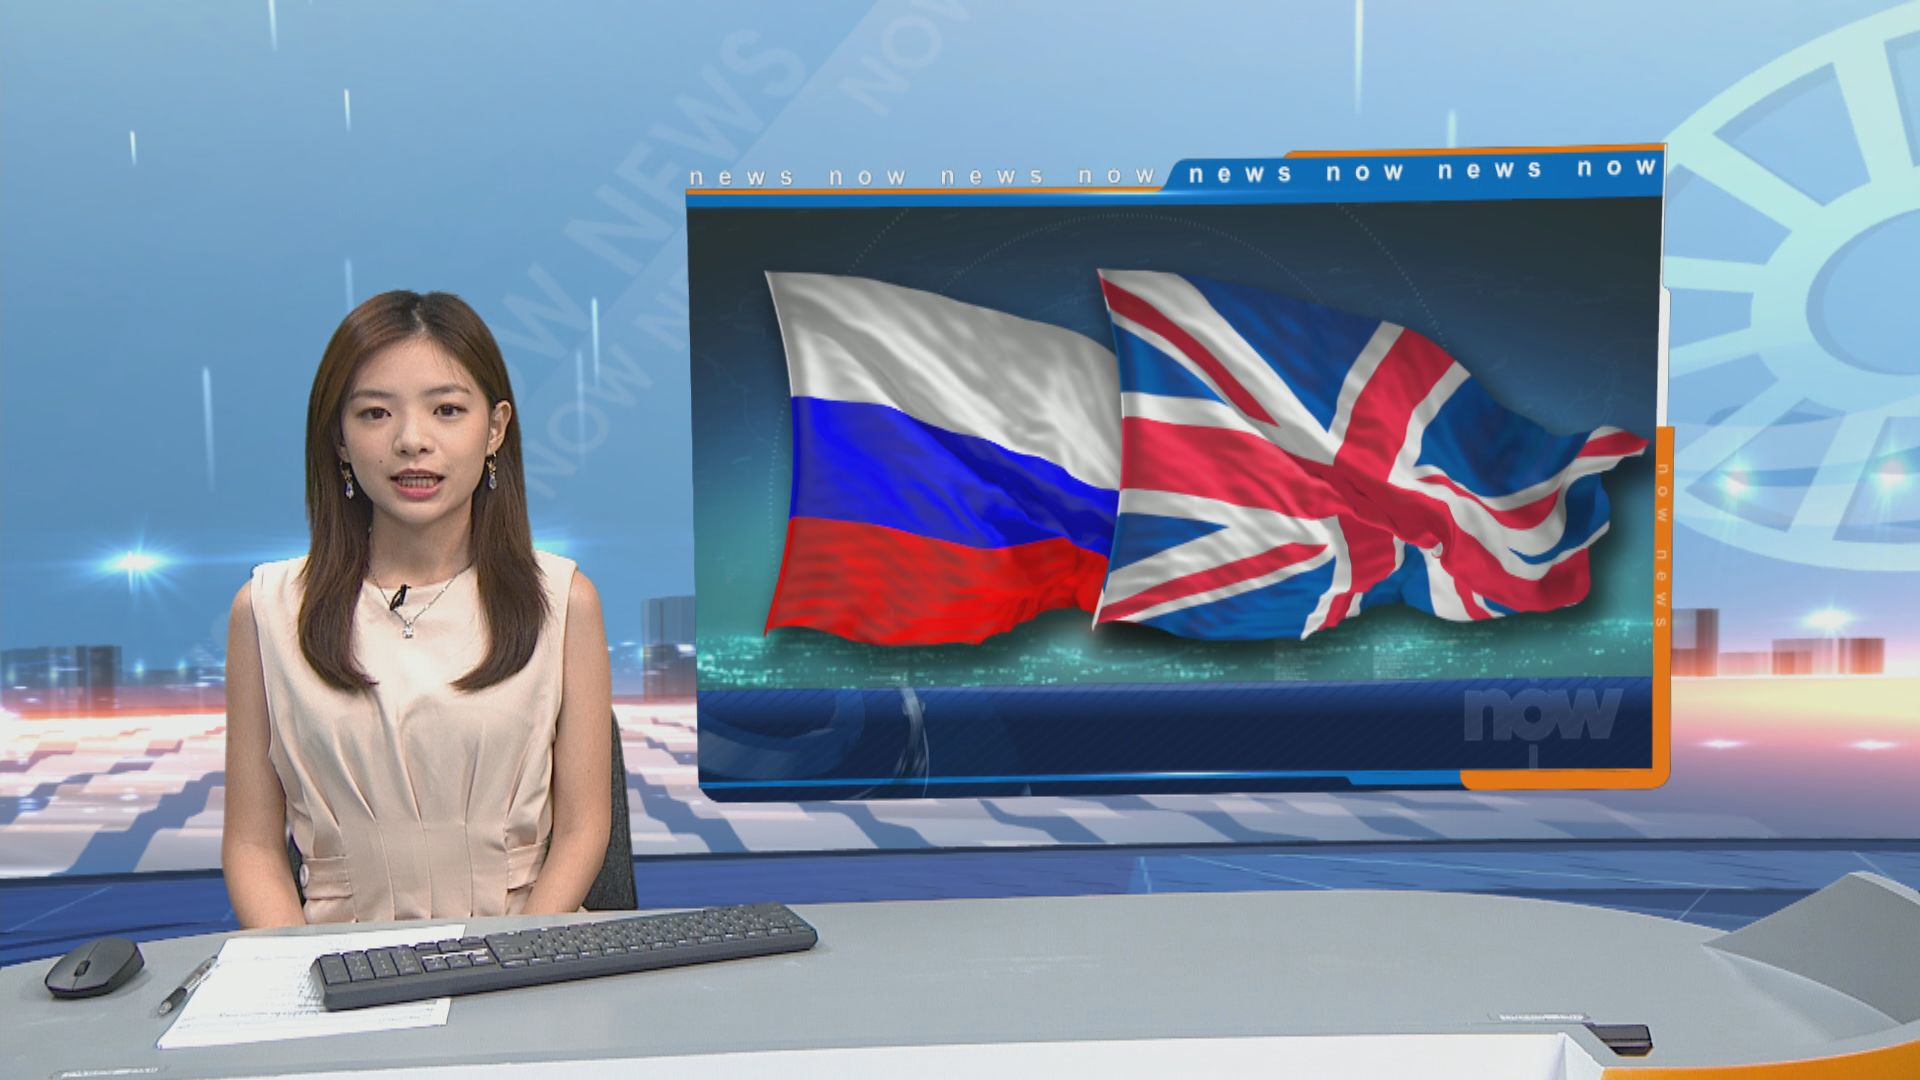 英外相指控俄羅斯干預大選 俄反駁英指控含糊不清